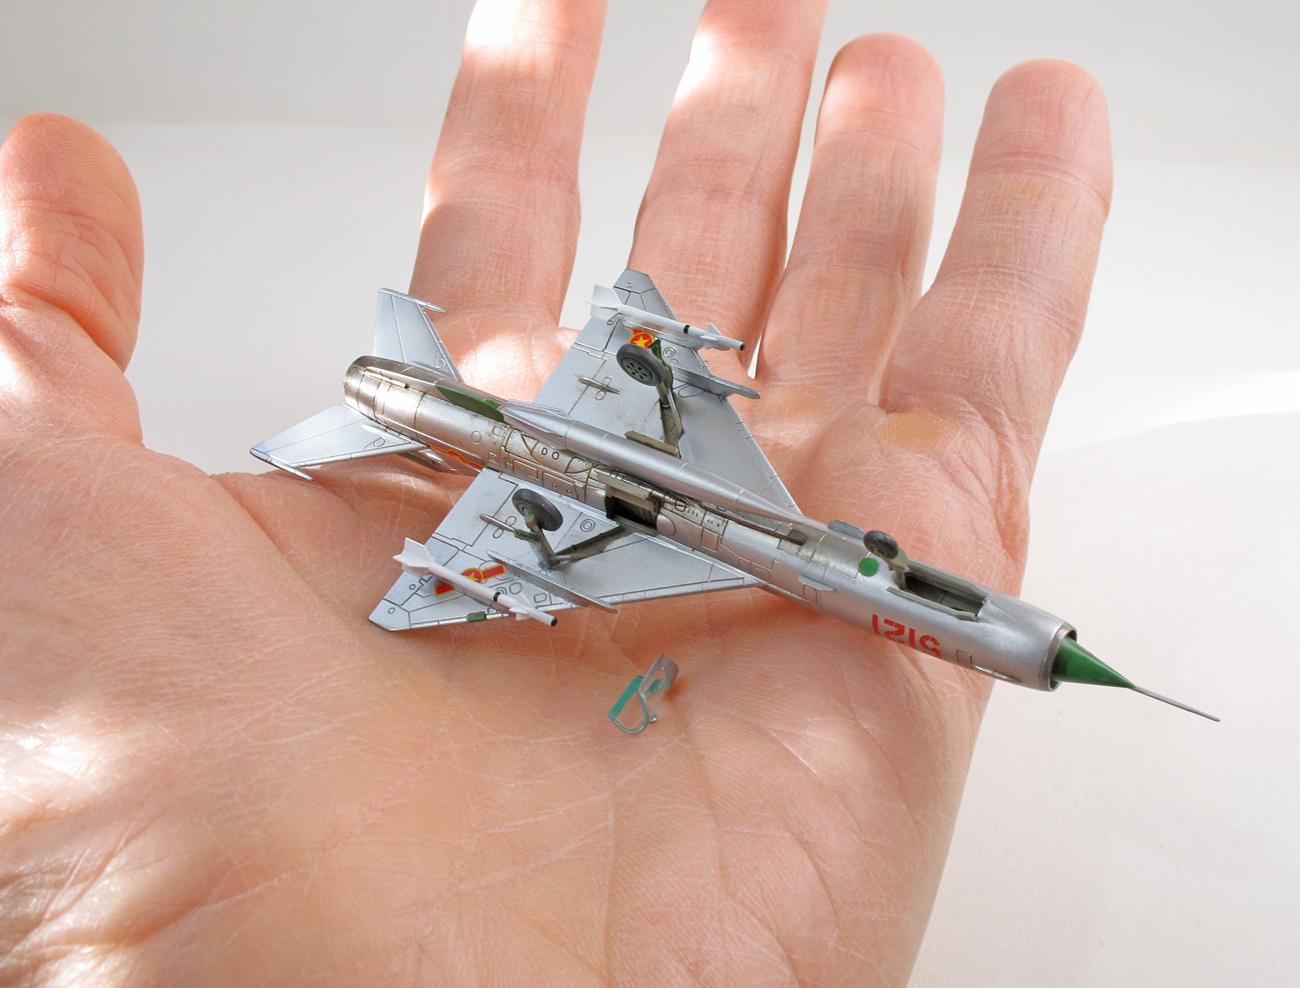 MiG-21MF eduard 1/144 na ruke, spodná strana, zboku